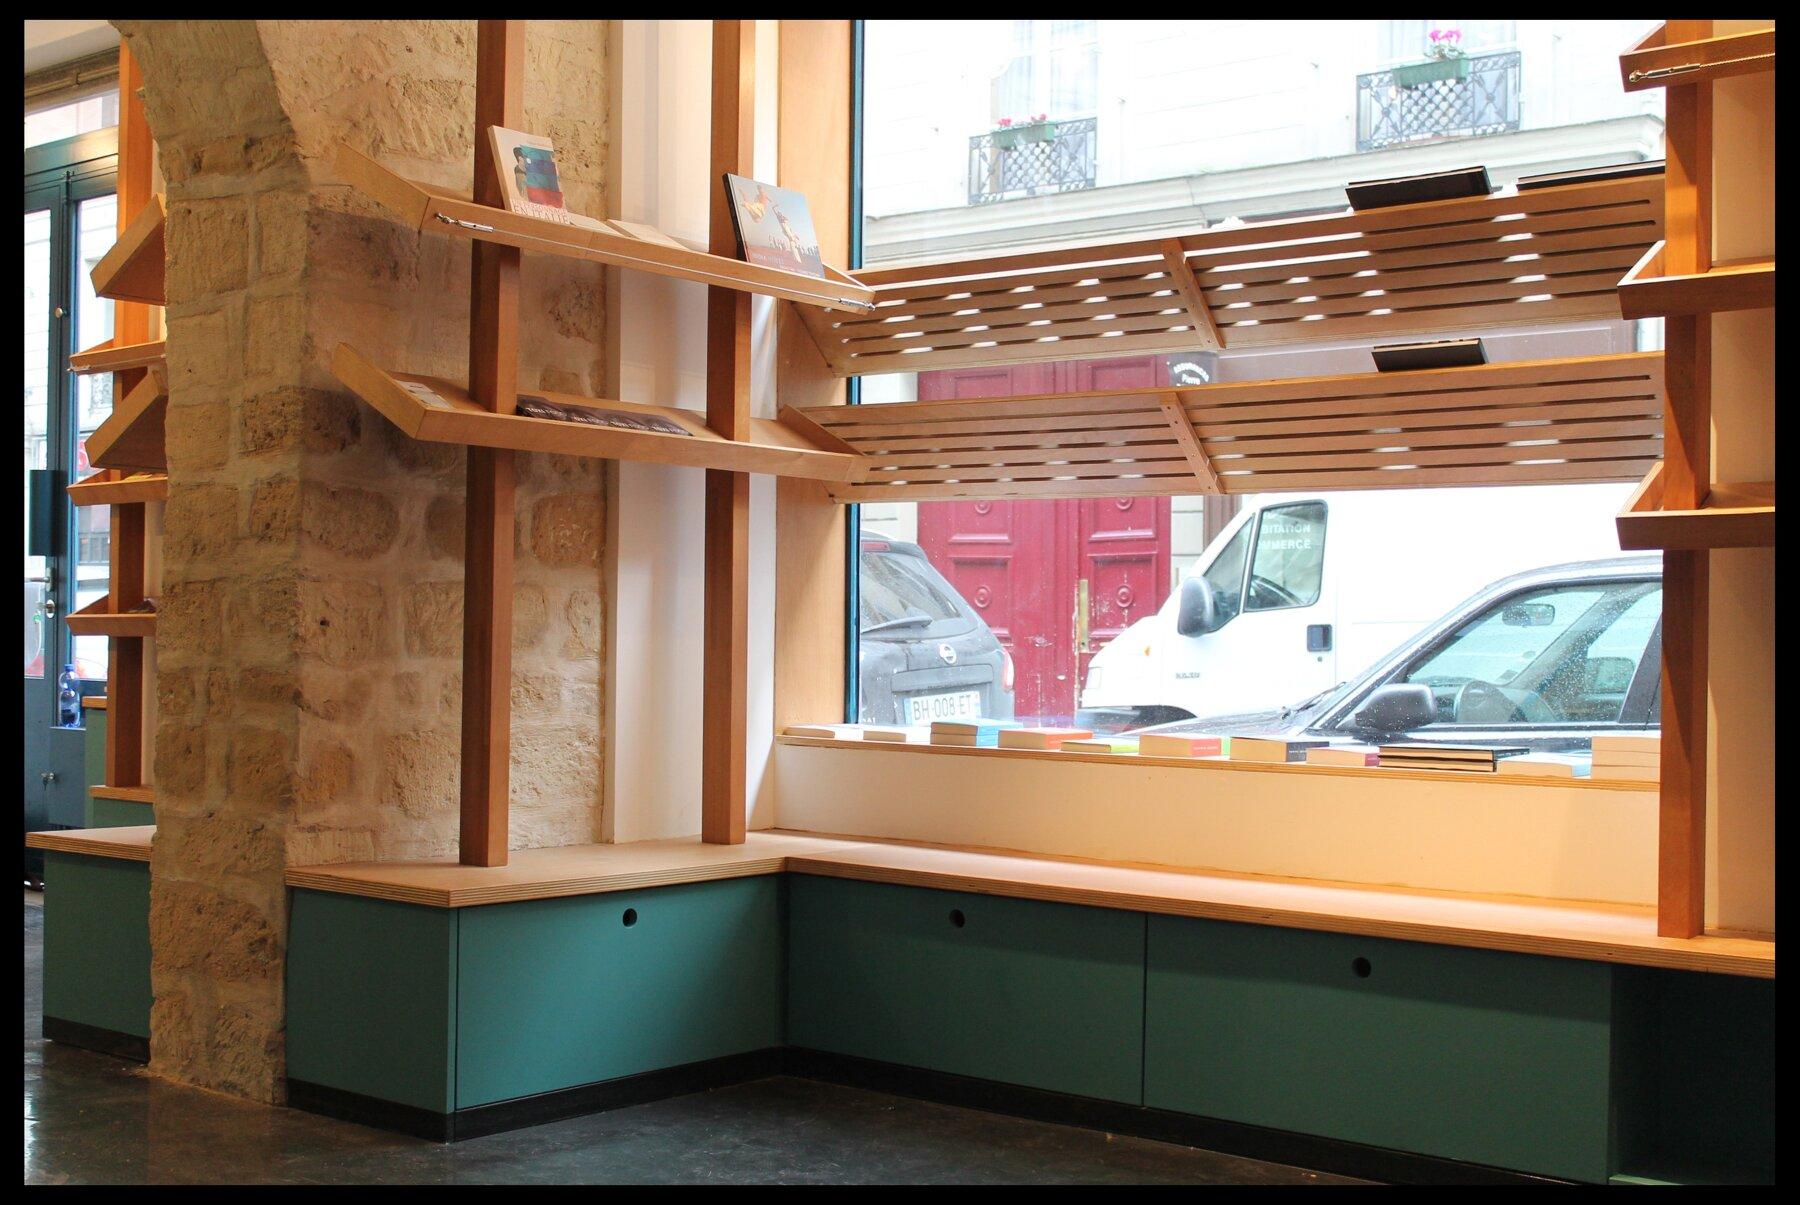 Réaménagement intérieur - Terrain à construire par un architecte Archidvisor